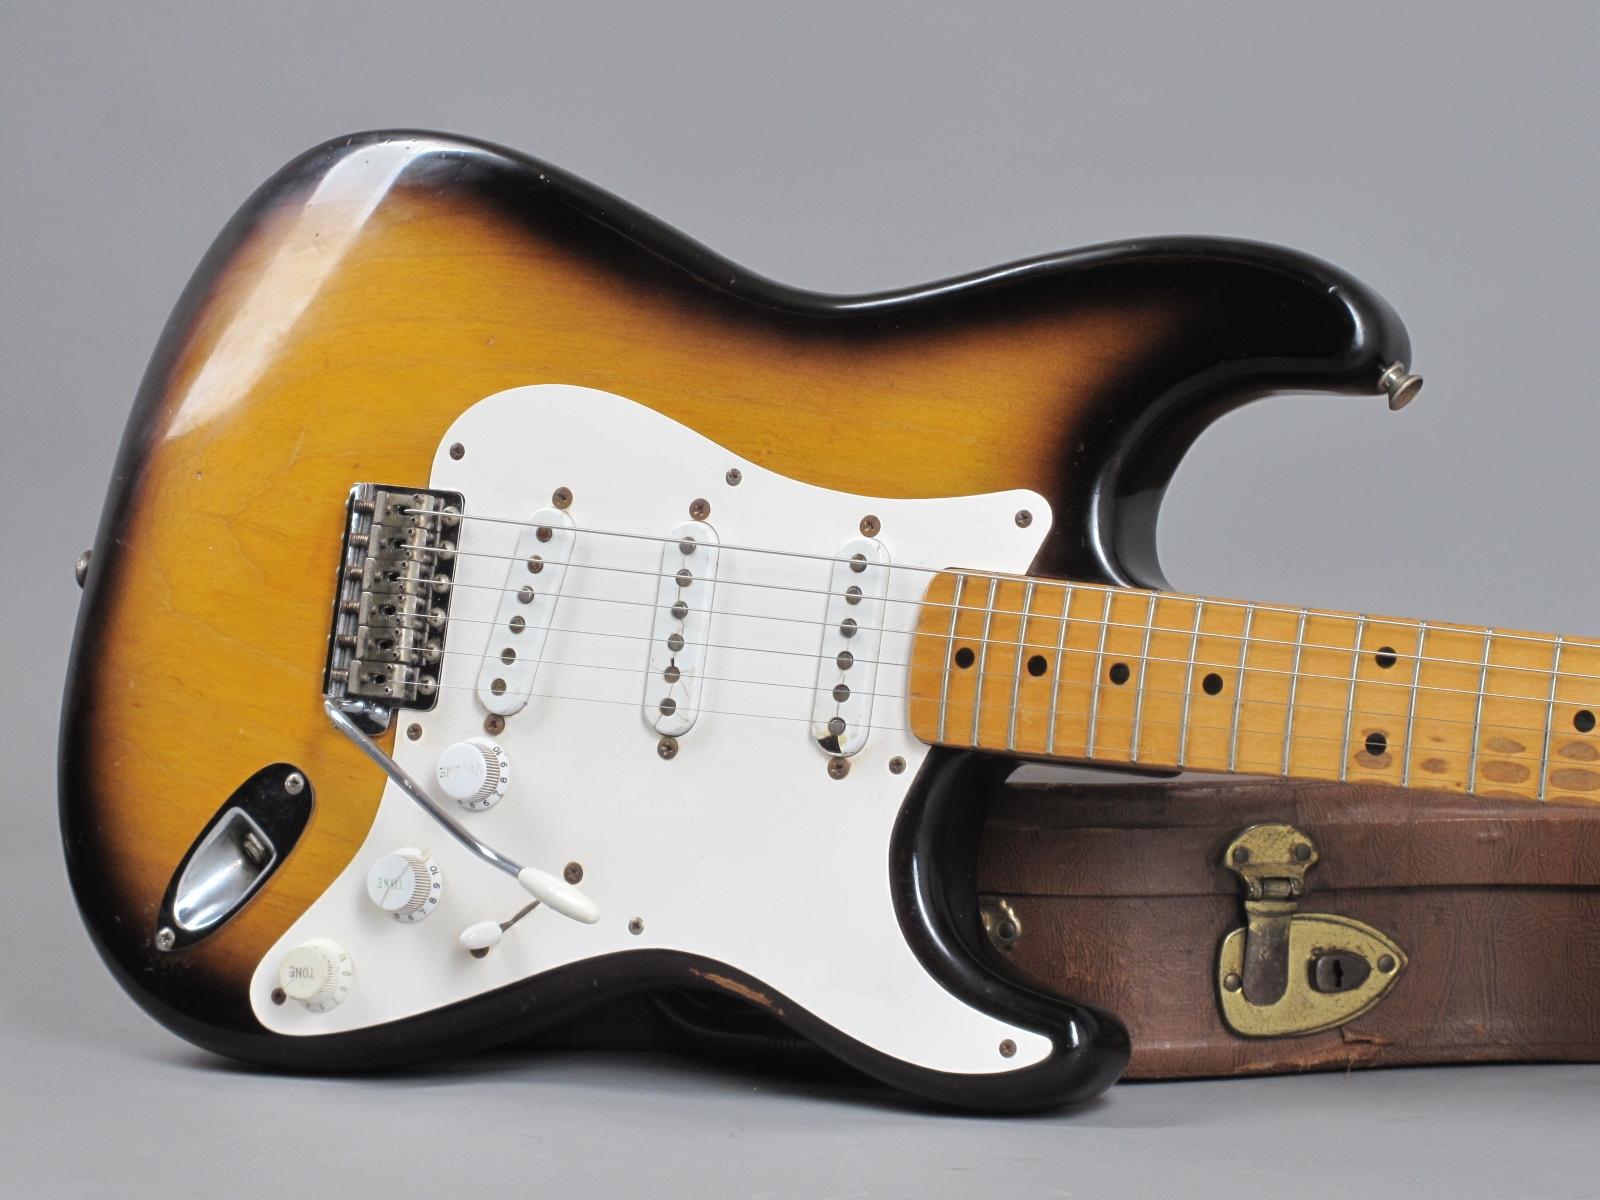 https://guitarpoint.de/app/uploads/products/1954-fender-stratocaster-0967/1954-Fender-Stratocaster-2-tone-Sunburst-0967-19.jpg